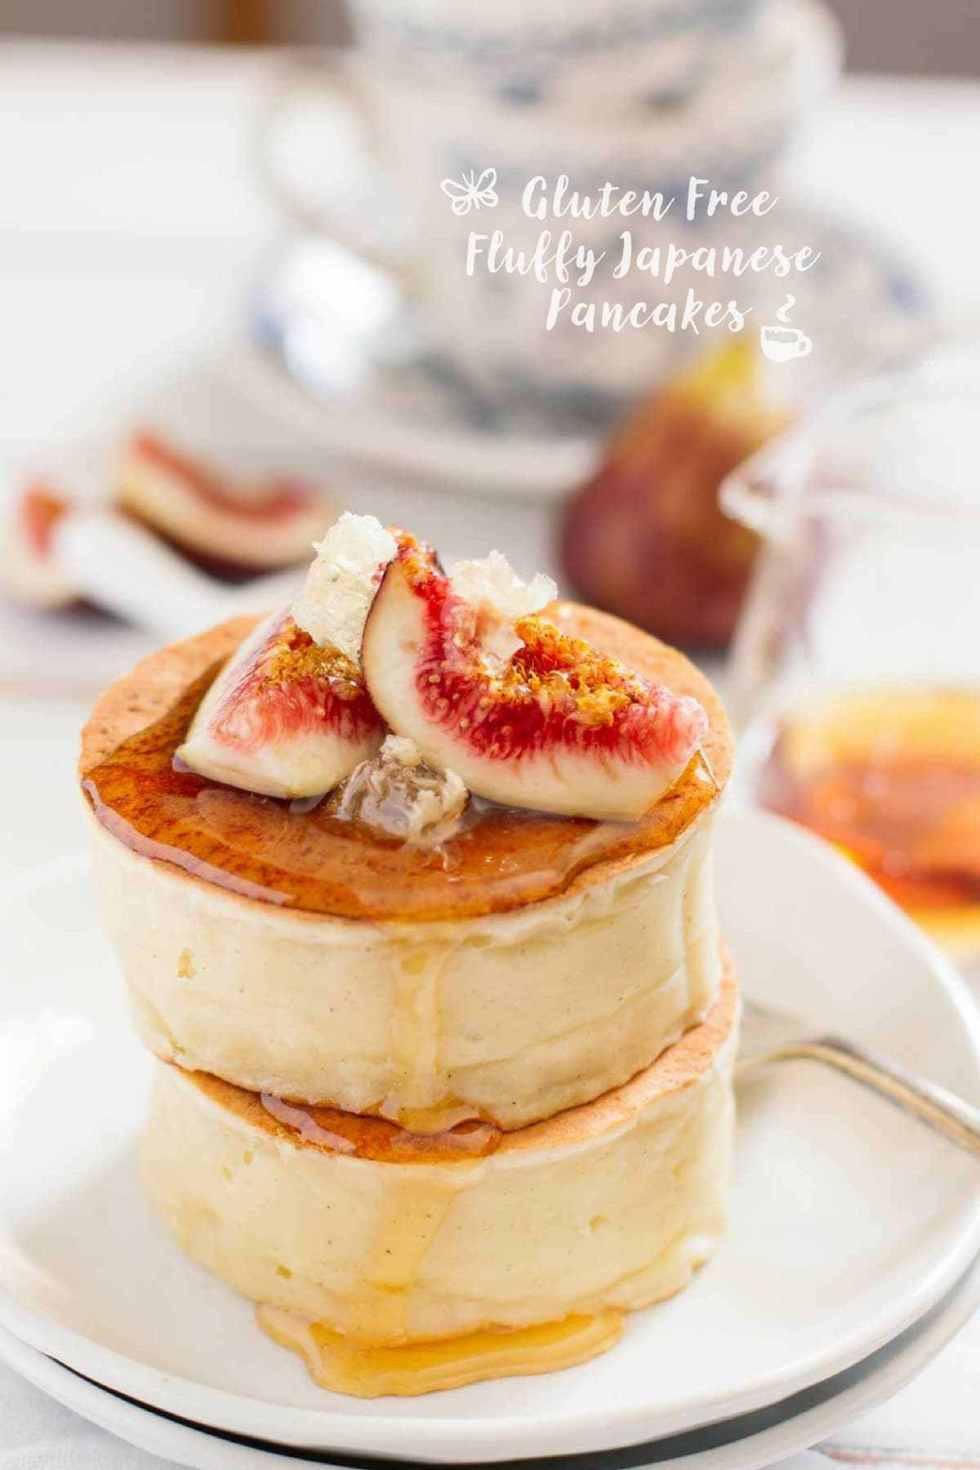 Japanese Fluffy Pancakes  Gluten Free Fluffy Japanese Pancakes グルテンフリー厚焼きホットケーキ